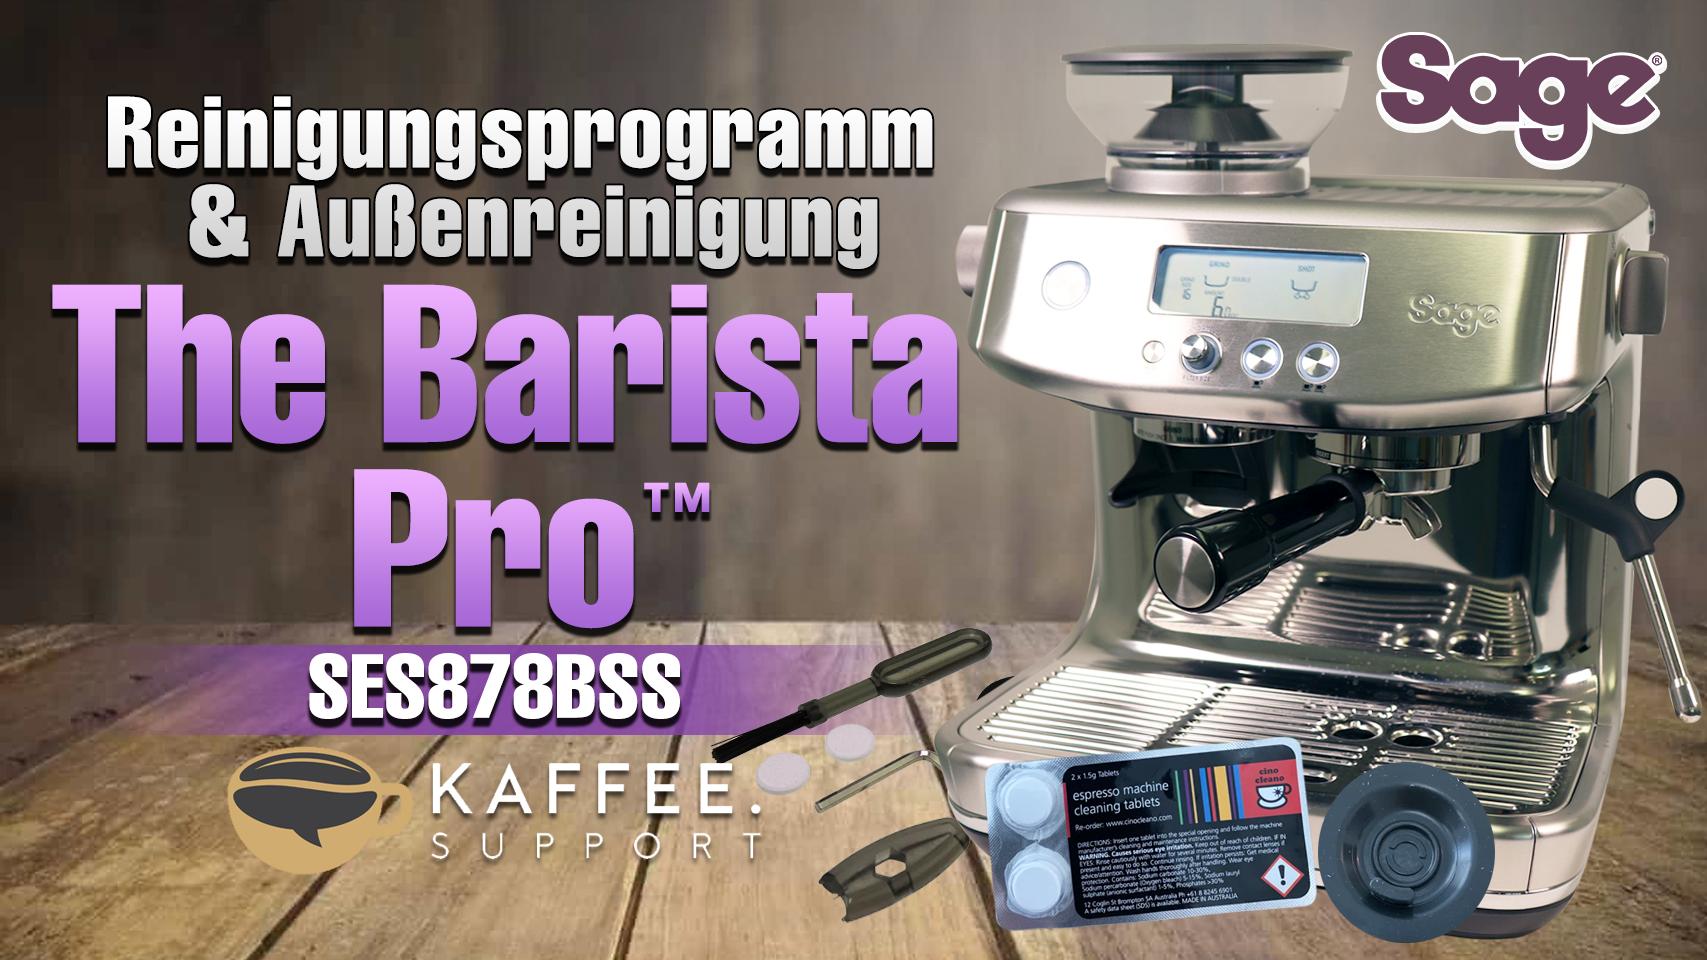 Sage The Barista Pro™ SES878BSS Reinigungsprogramm & Außenreinigung